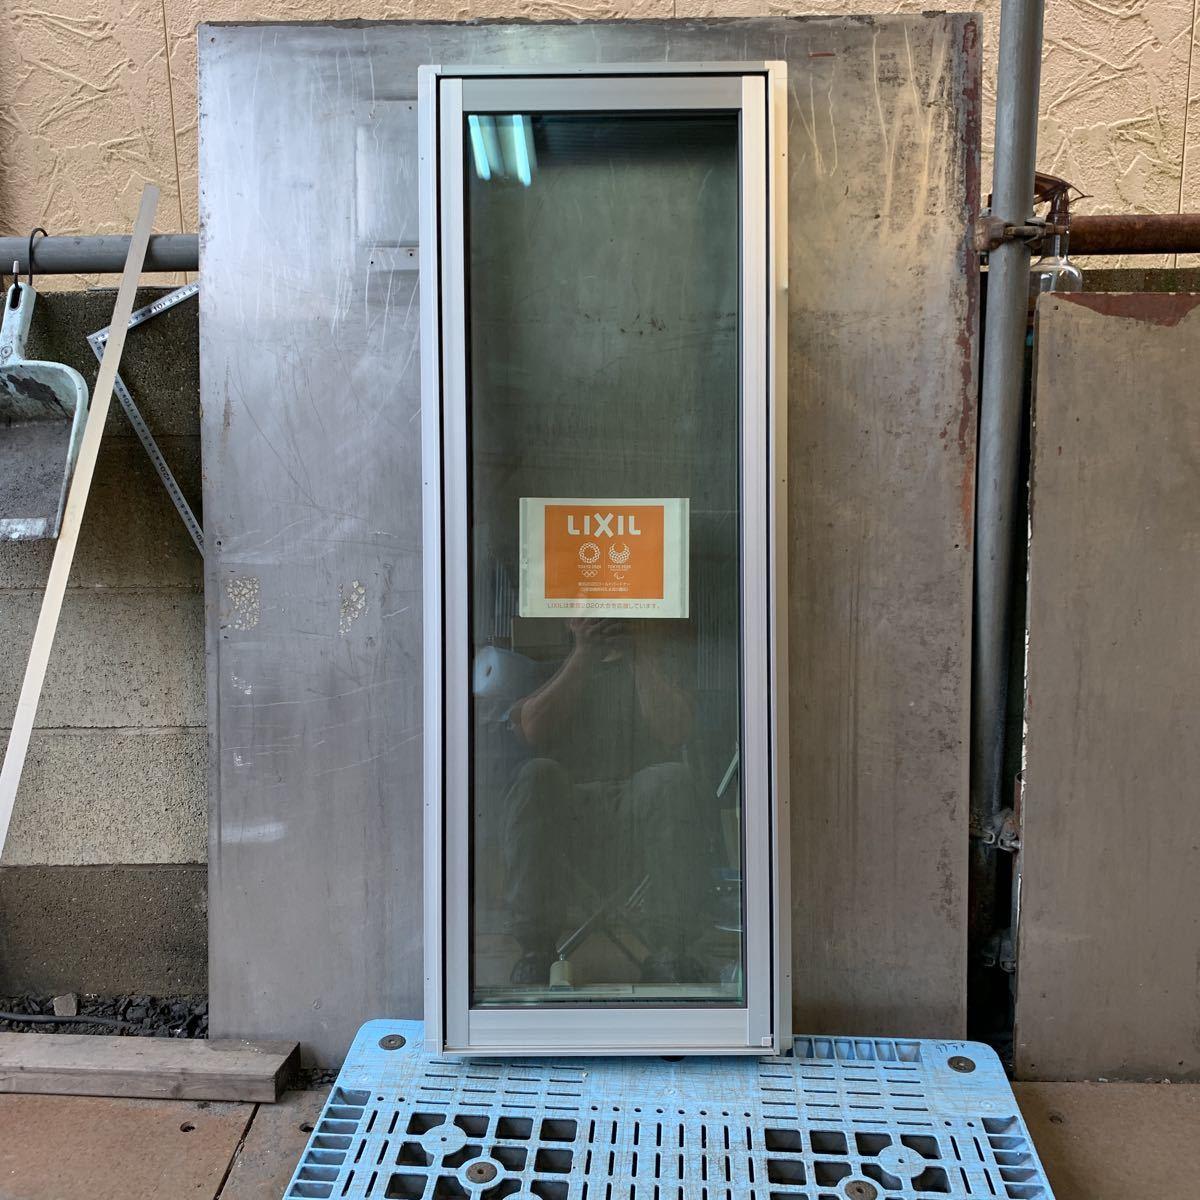 LIXIL アルミサッシ 縦すべり出し窓 シルバー 透明ペアガラス その2